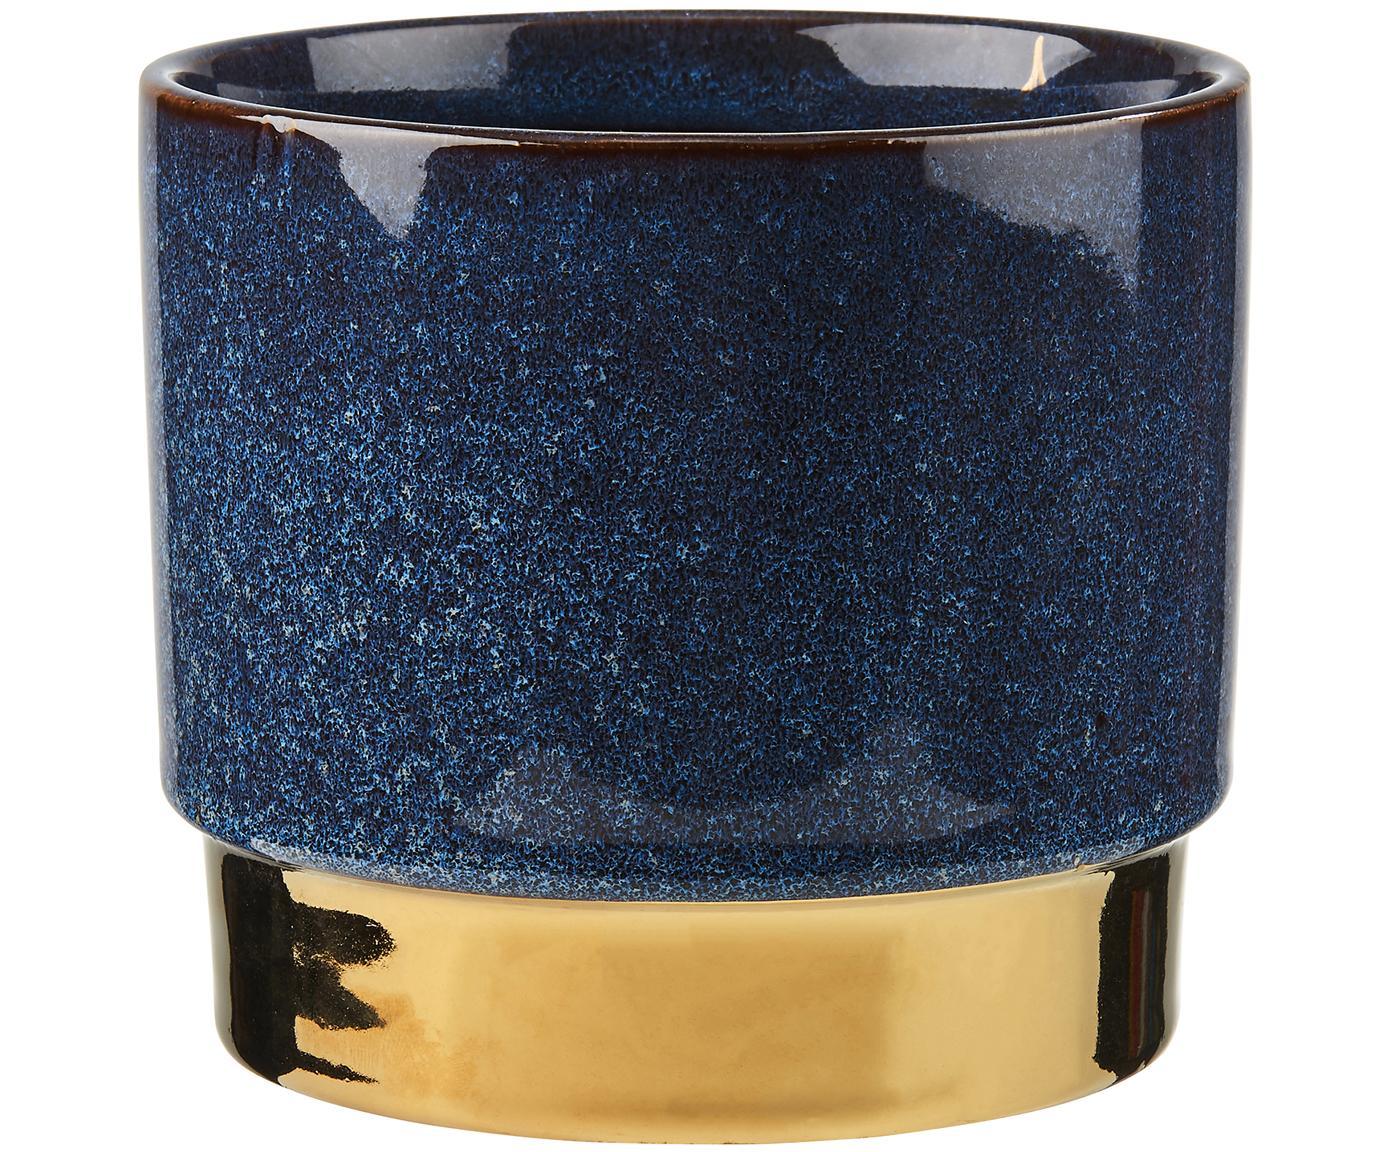 Übertopf Golden Touch, Steingut, Blau, Goldfarben, Ø 15 x H 13 cm